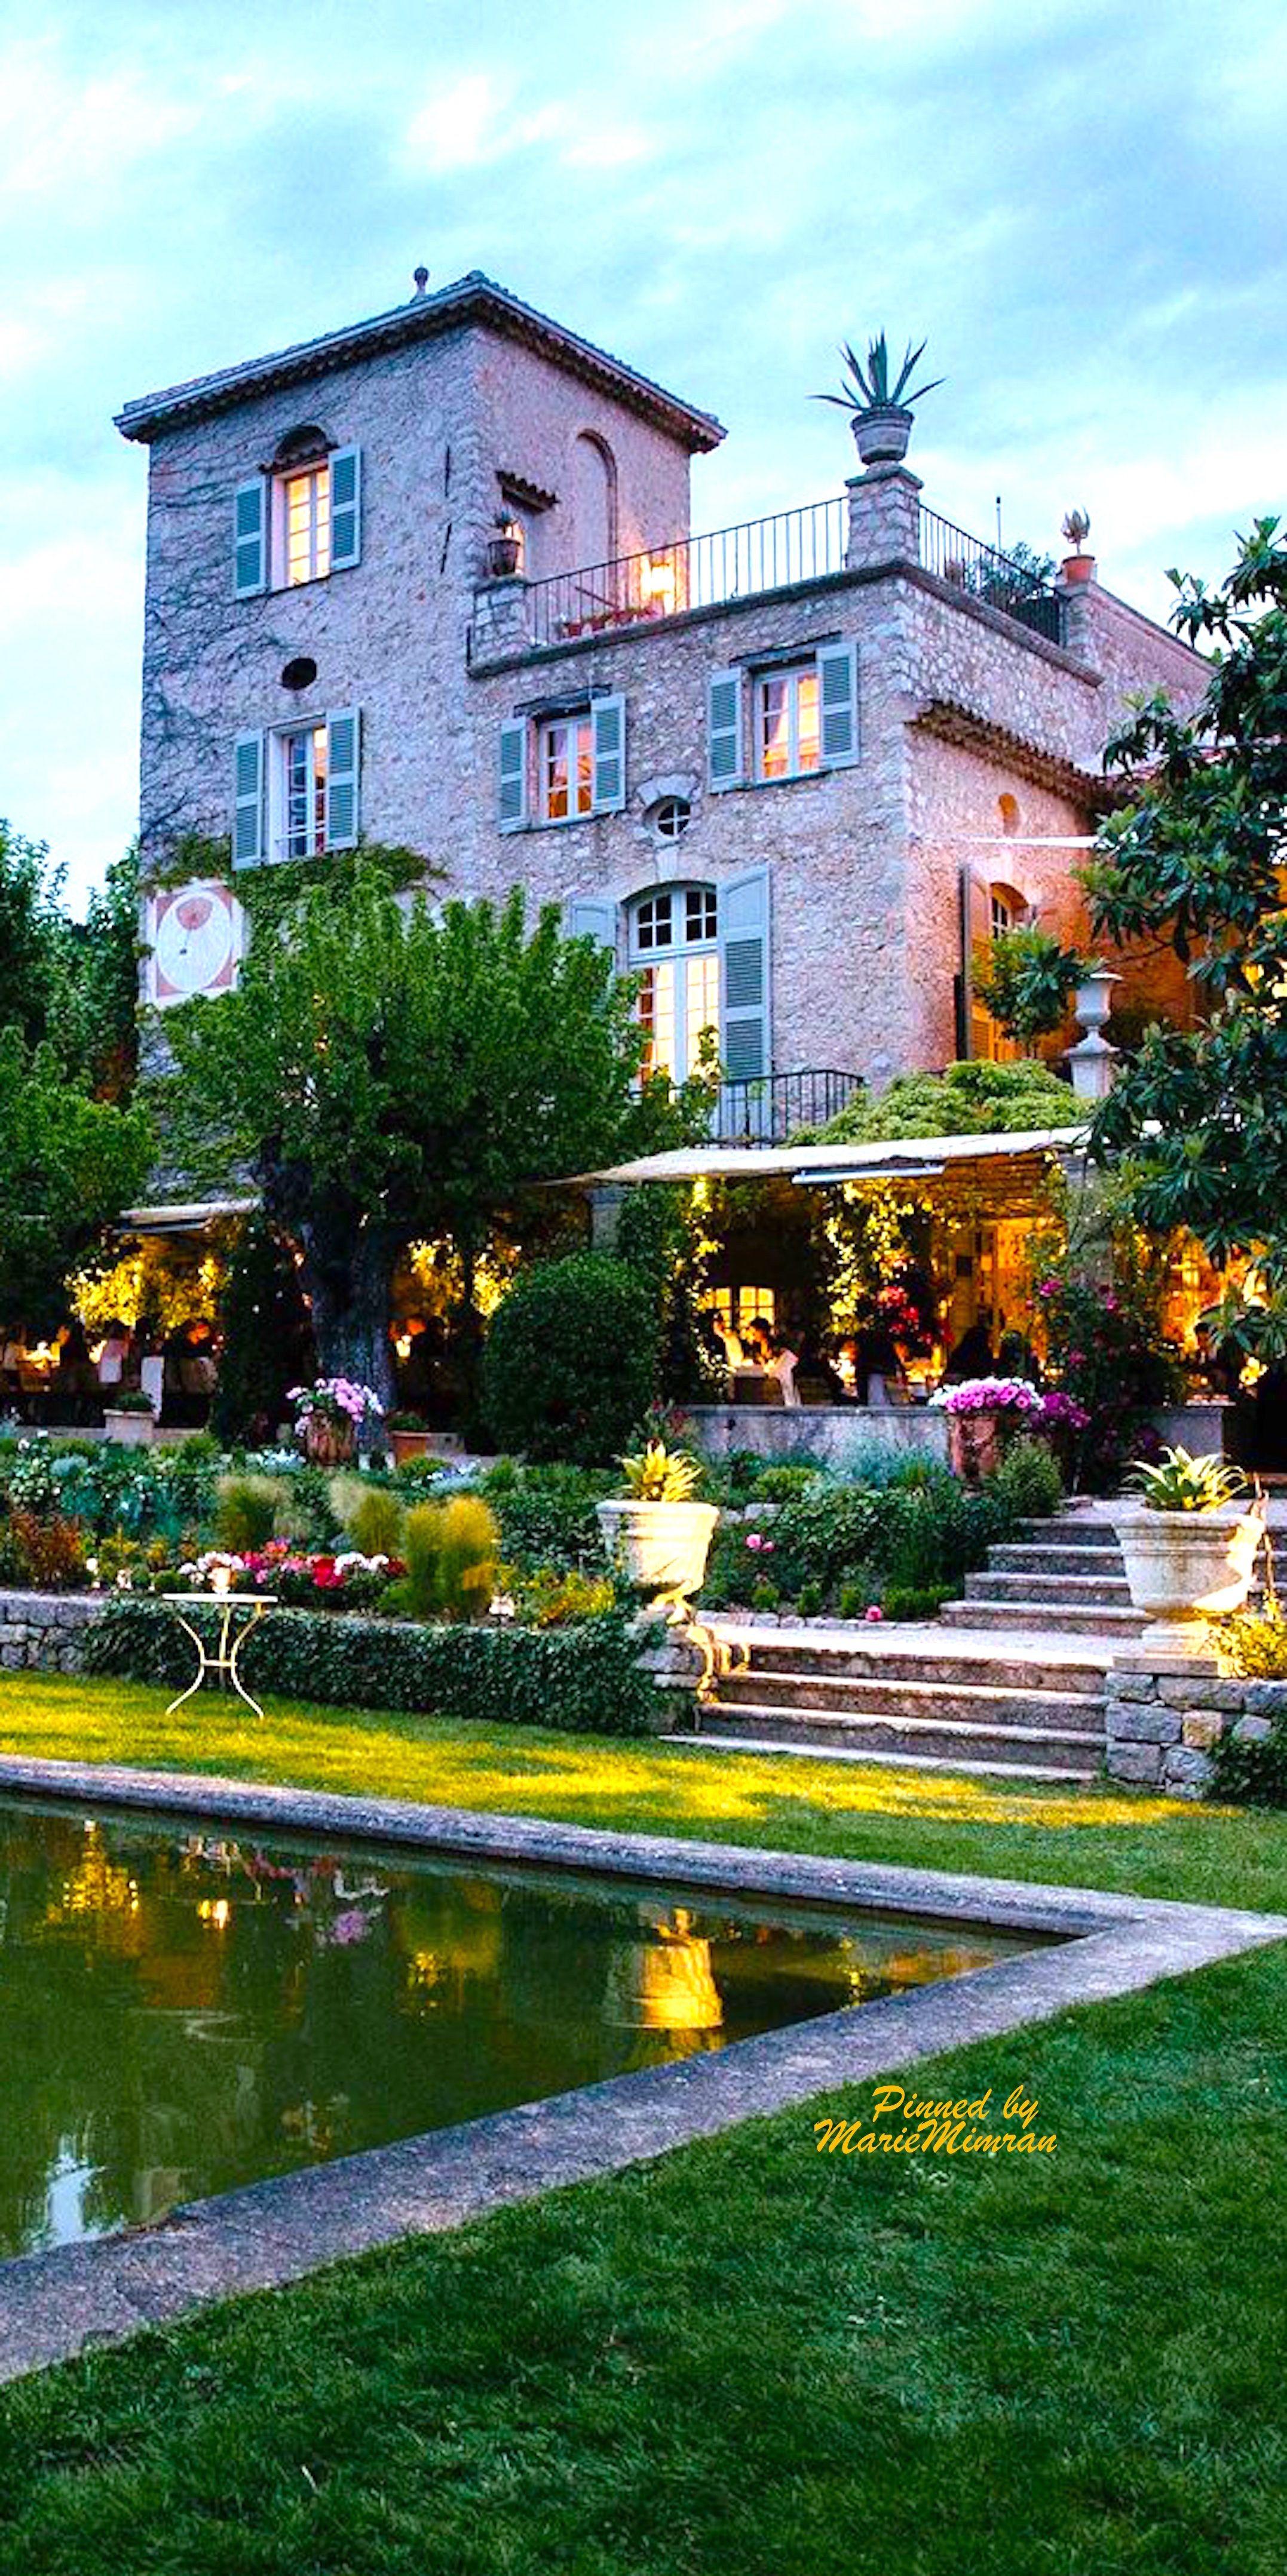 La Colle Noire Dior dior's dinner at château de la colle noire- marie mimran